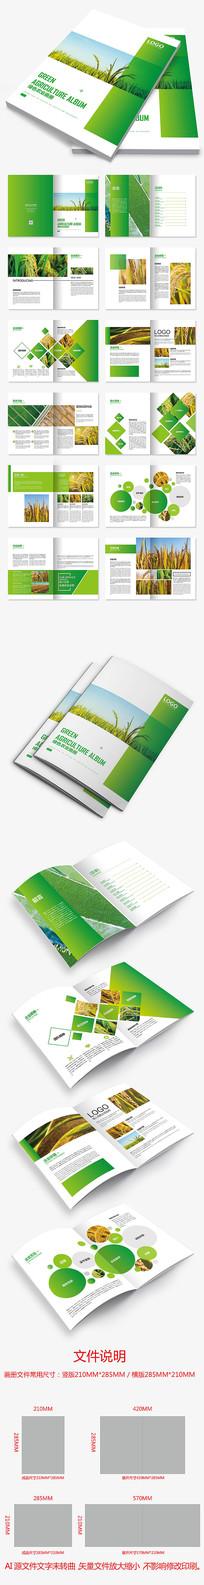 绿色生态农业绿色环保科技农业农产品宣传册